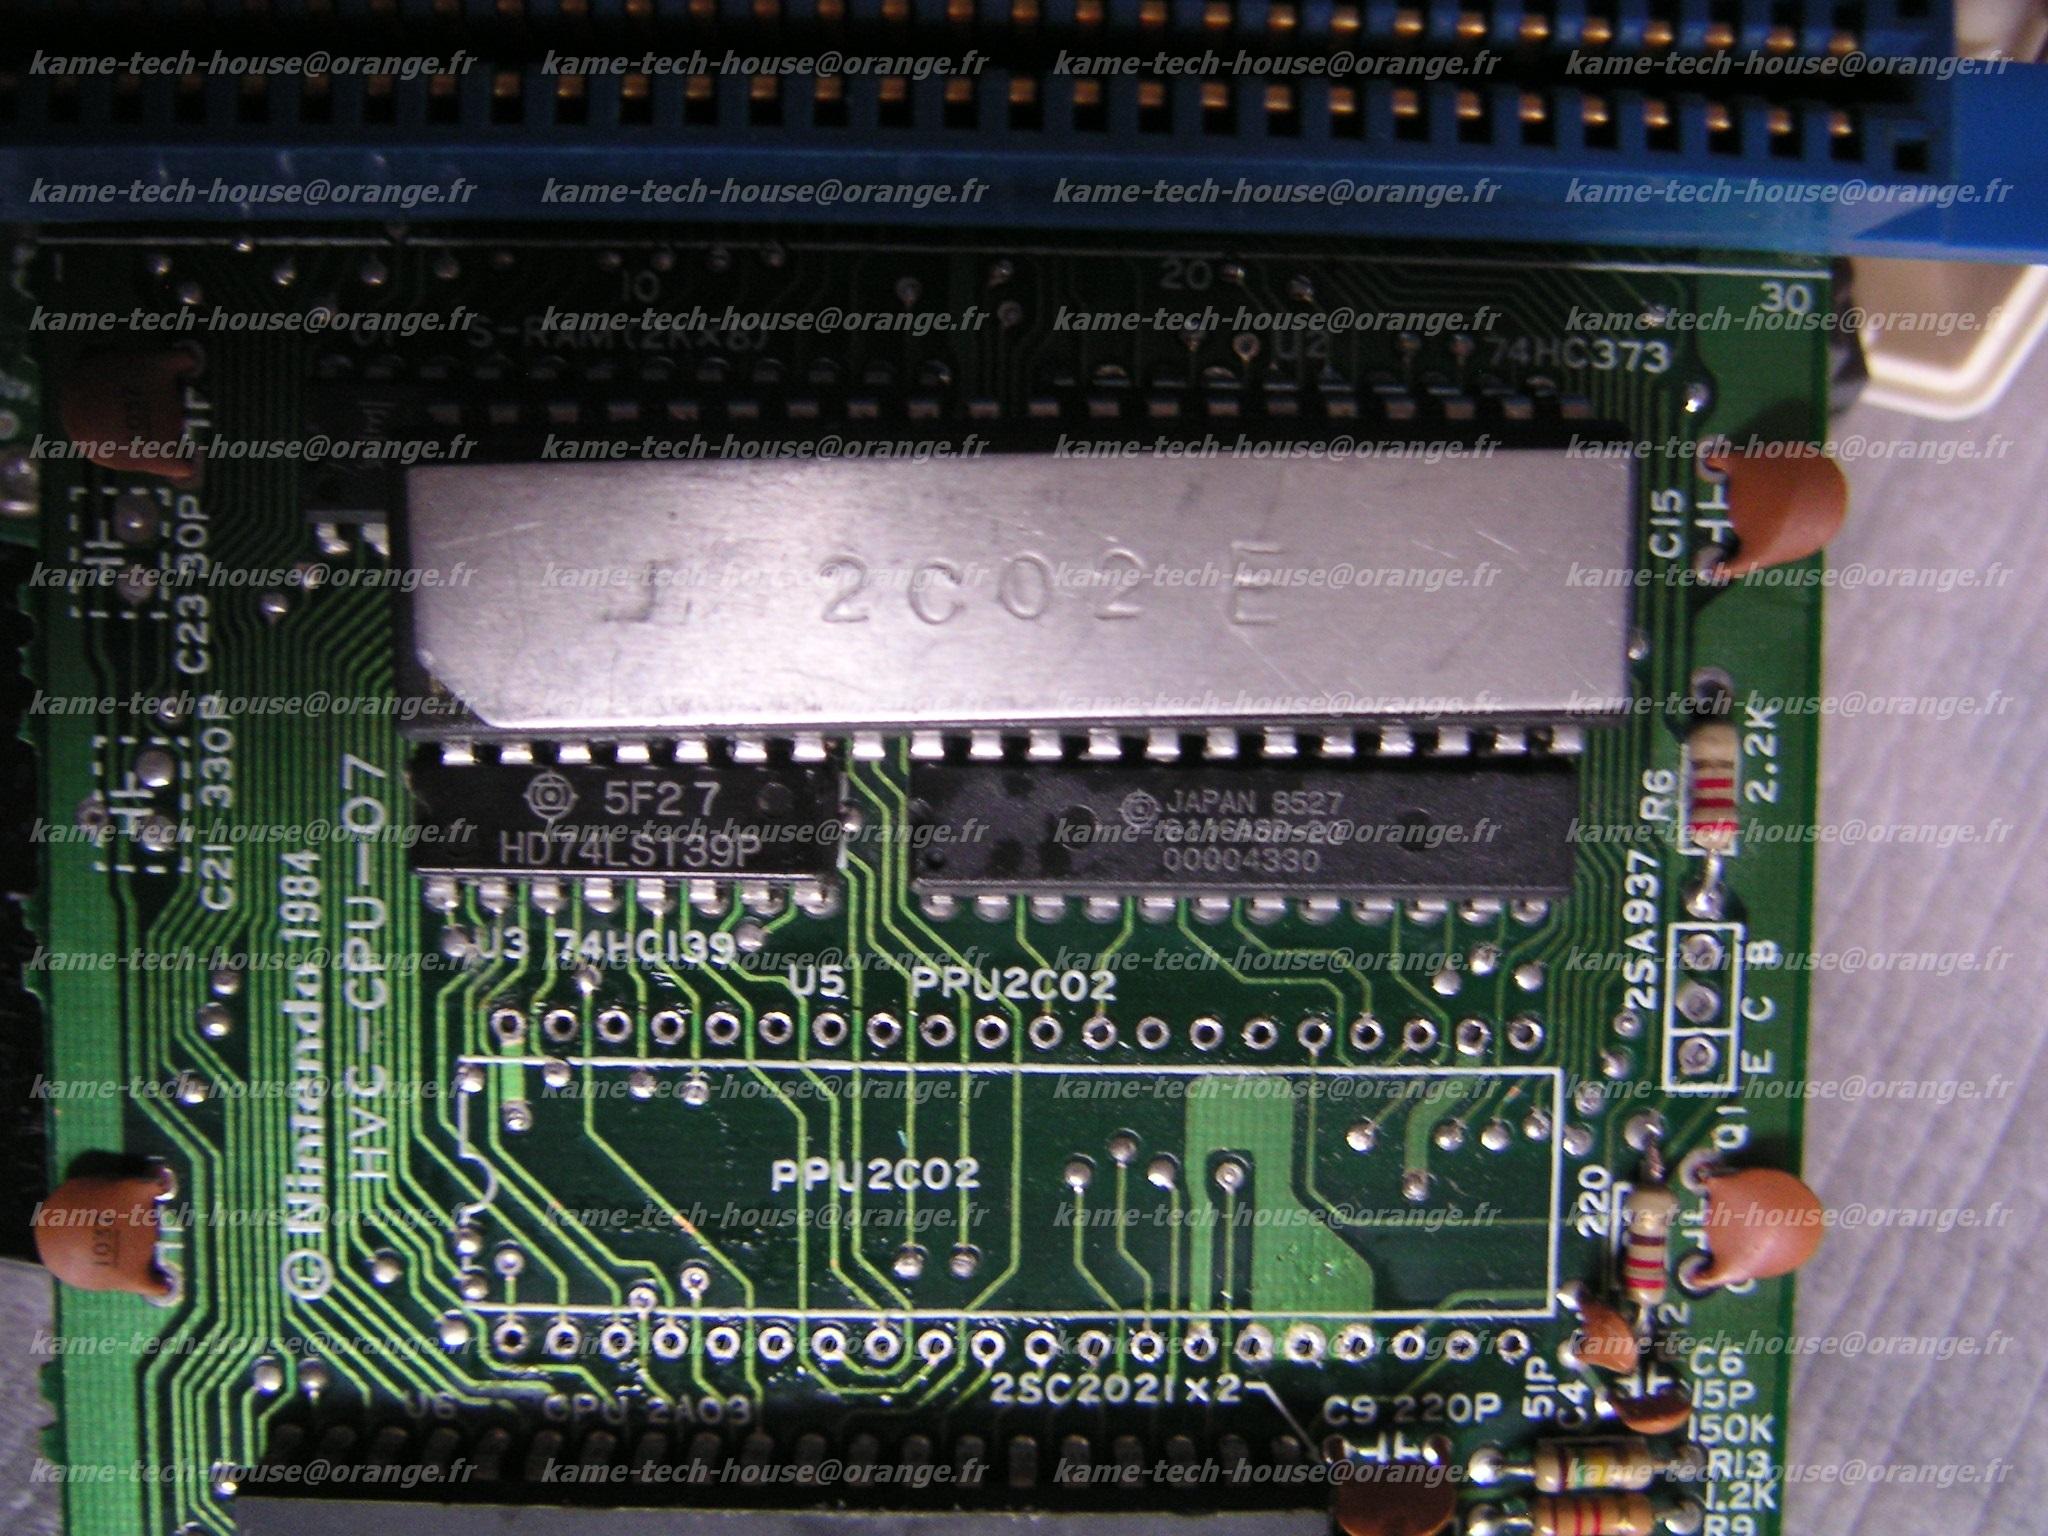 [VDS] Réparations / Modification de vos consoles Nintendo - Page 2 395164PPU